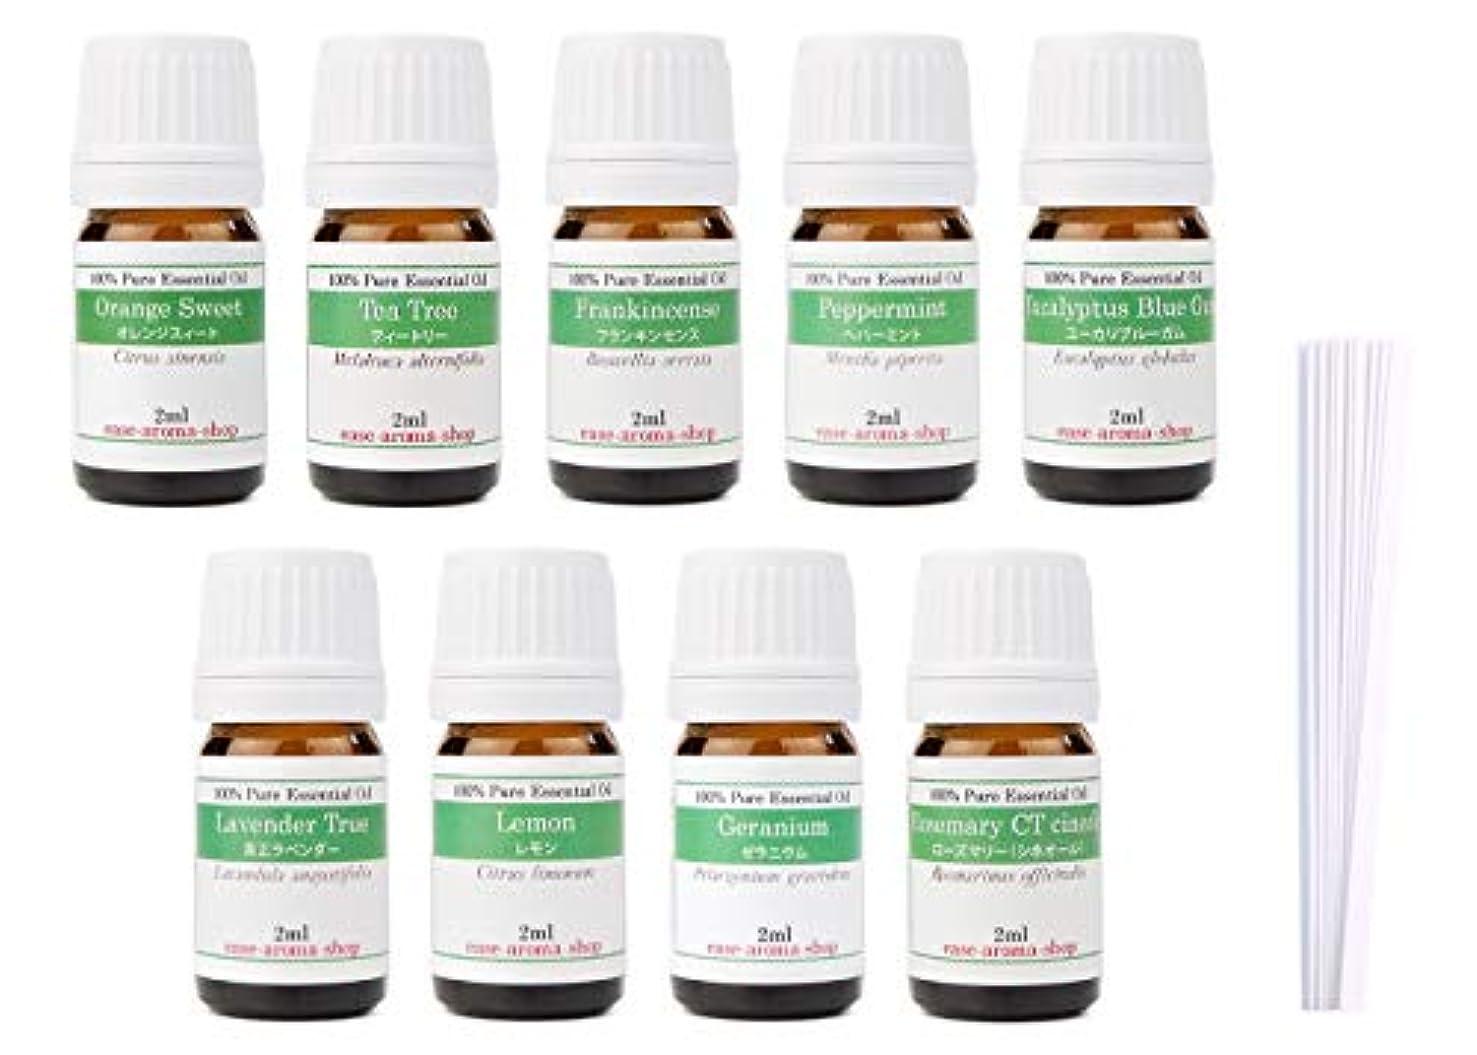 照らす激怒大混乱【2019年改訂版】ease AEAJアロマテラピー検定香りテスト対象精油セット 揃えておきたい基本の精油 2級 9本セット各2ml